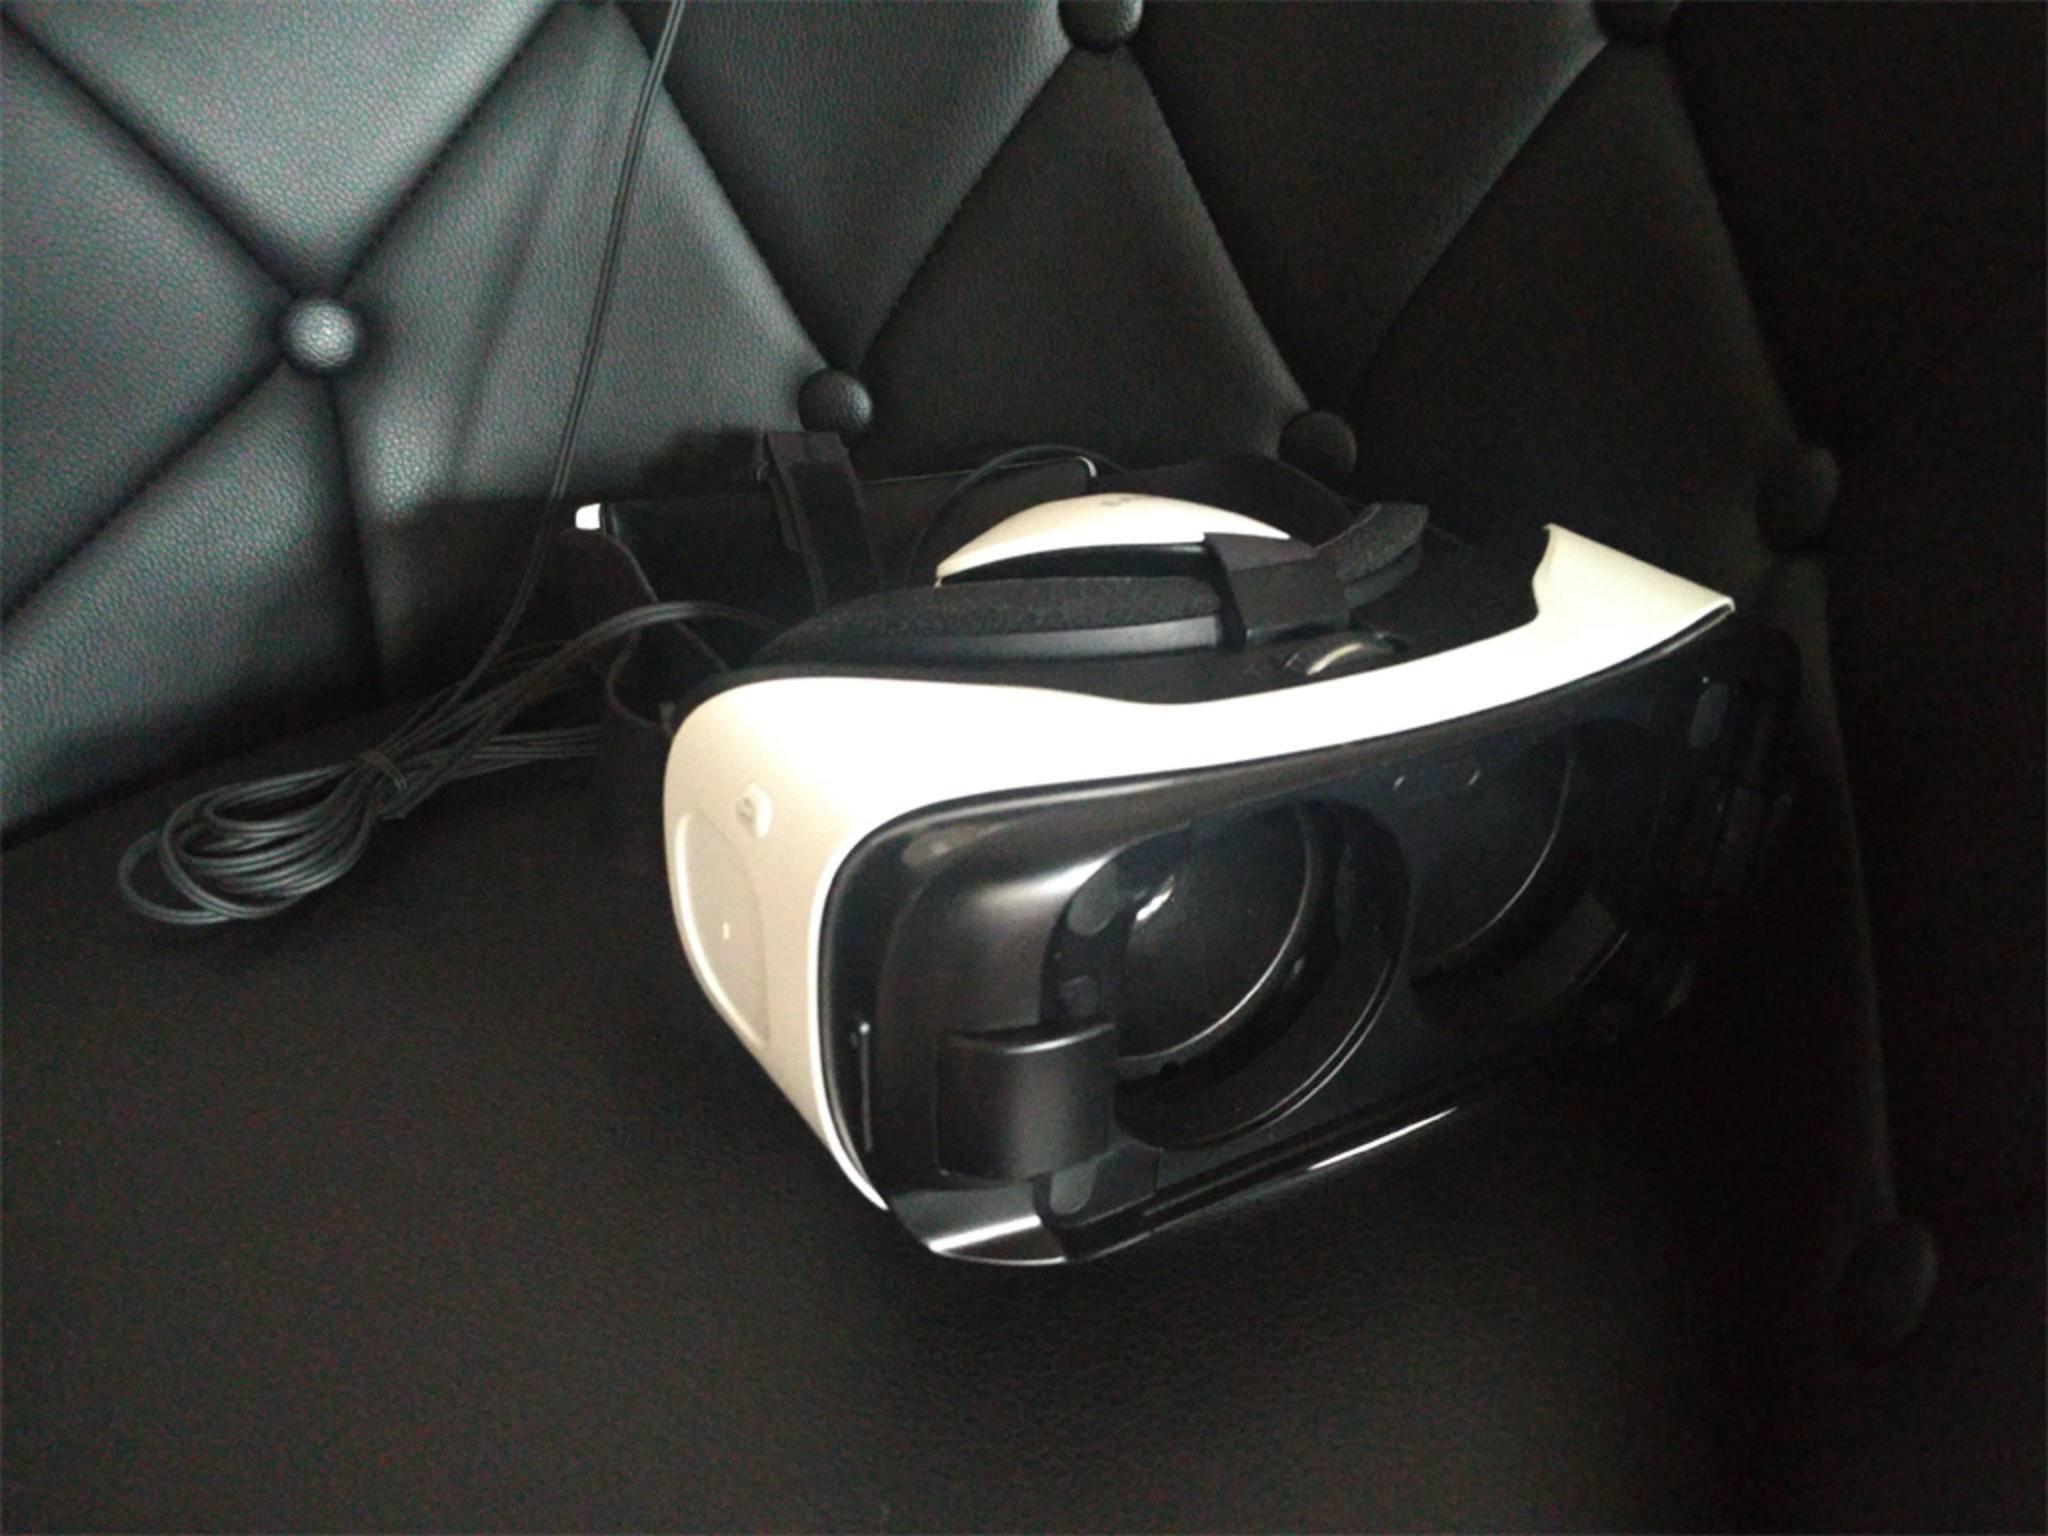 Zeit, um sich an die VR-Brille zu gewöhnen, hat man im Kino nicht.